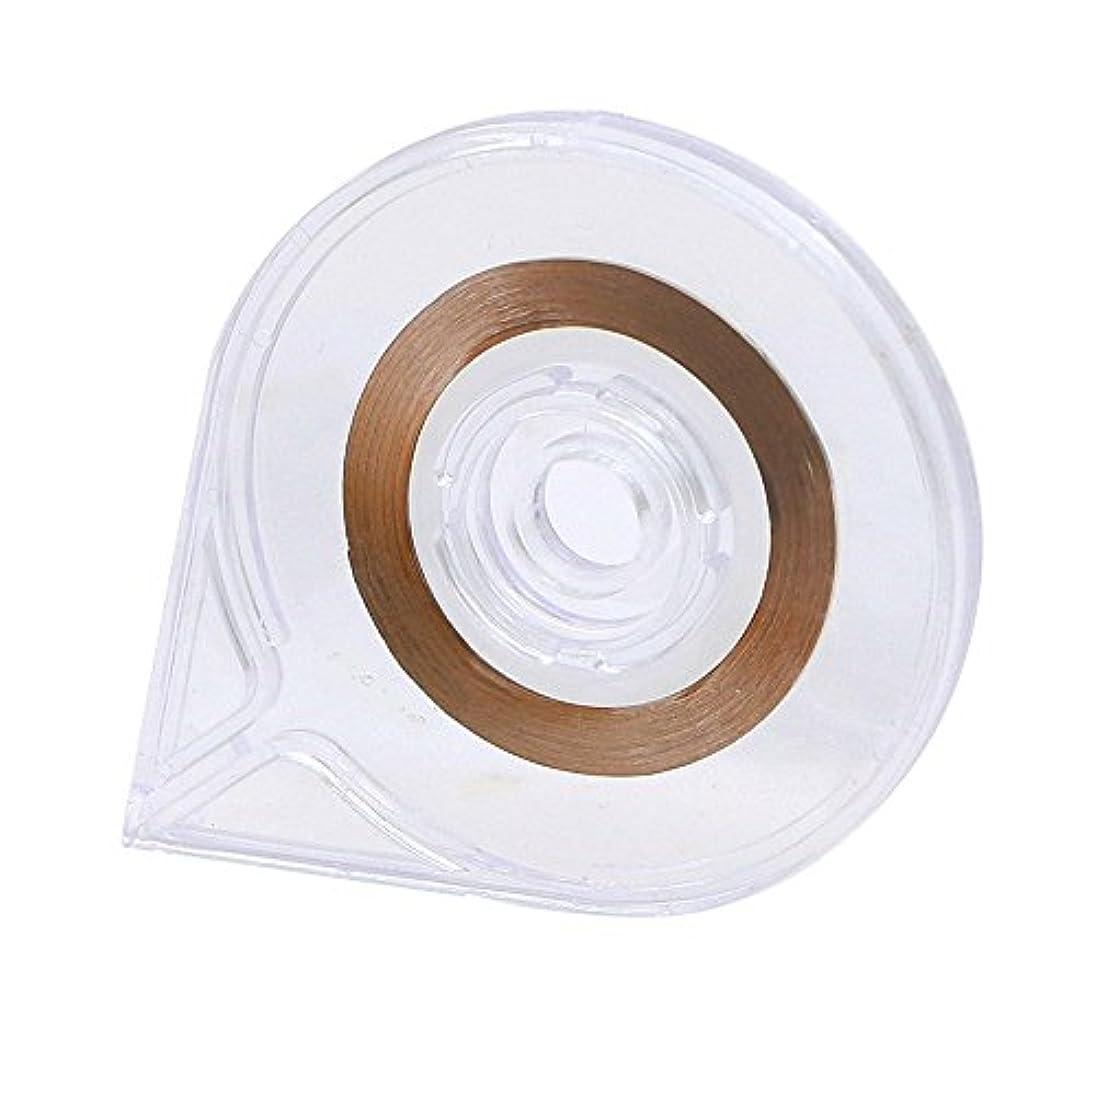 SODIAL(R) ネイルアート ストライピングテープラインケースツールステッカーボックスホルダー 使いやすいデザイン